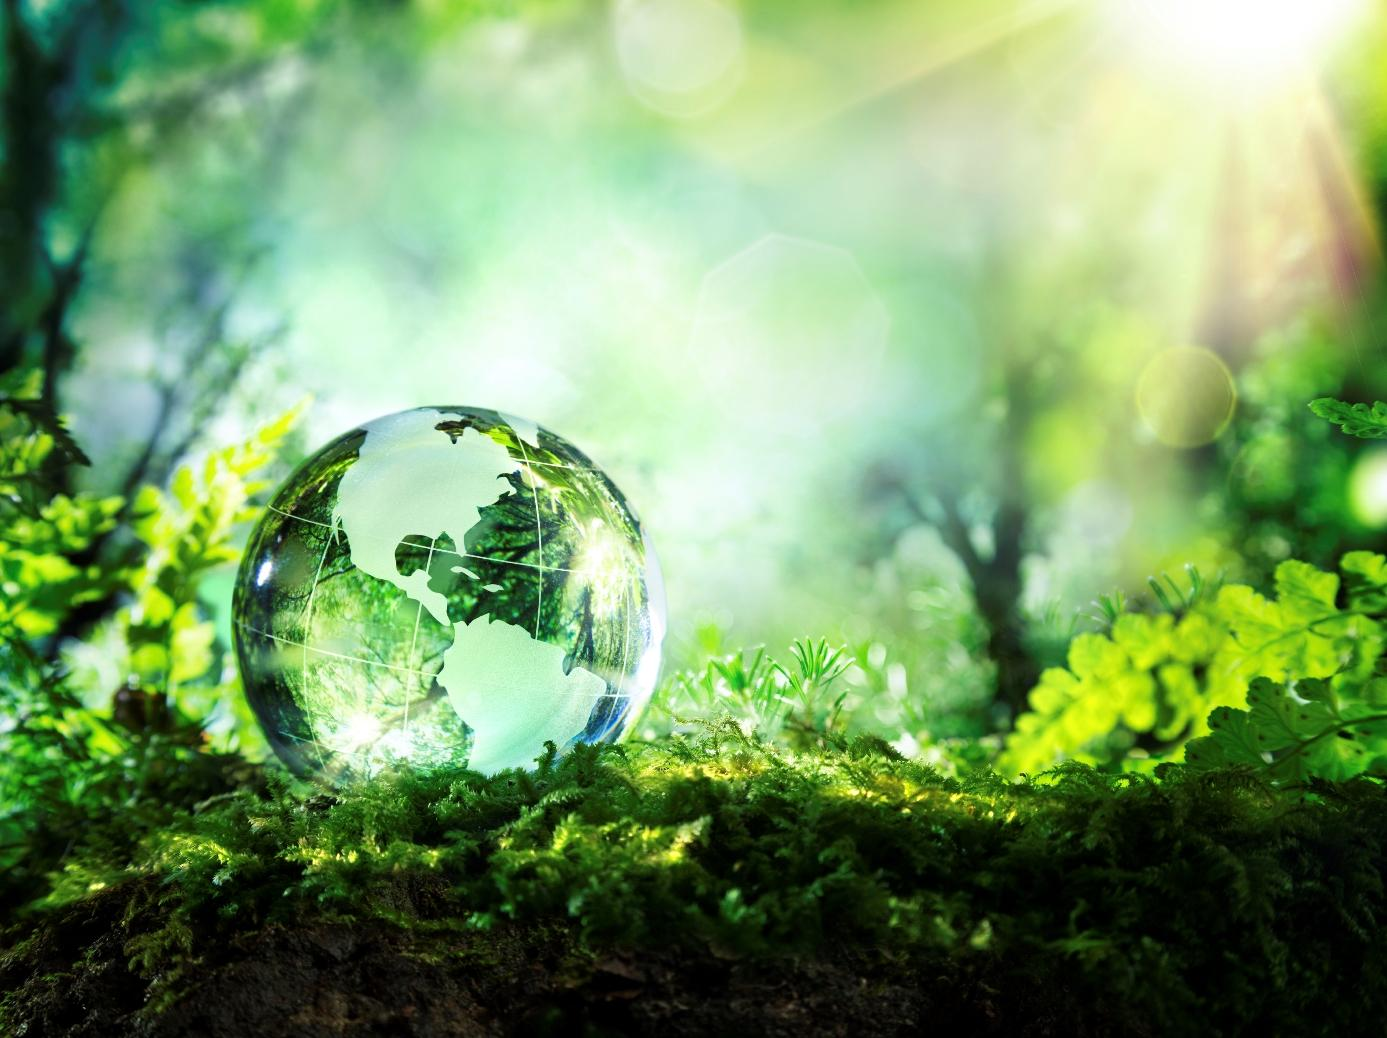 Эко-ковер: как выбрать ковер из натуральных материалов, безопасный для здоровья и природы?